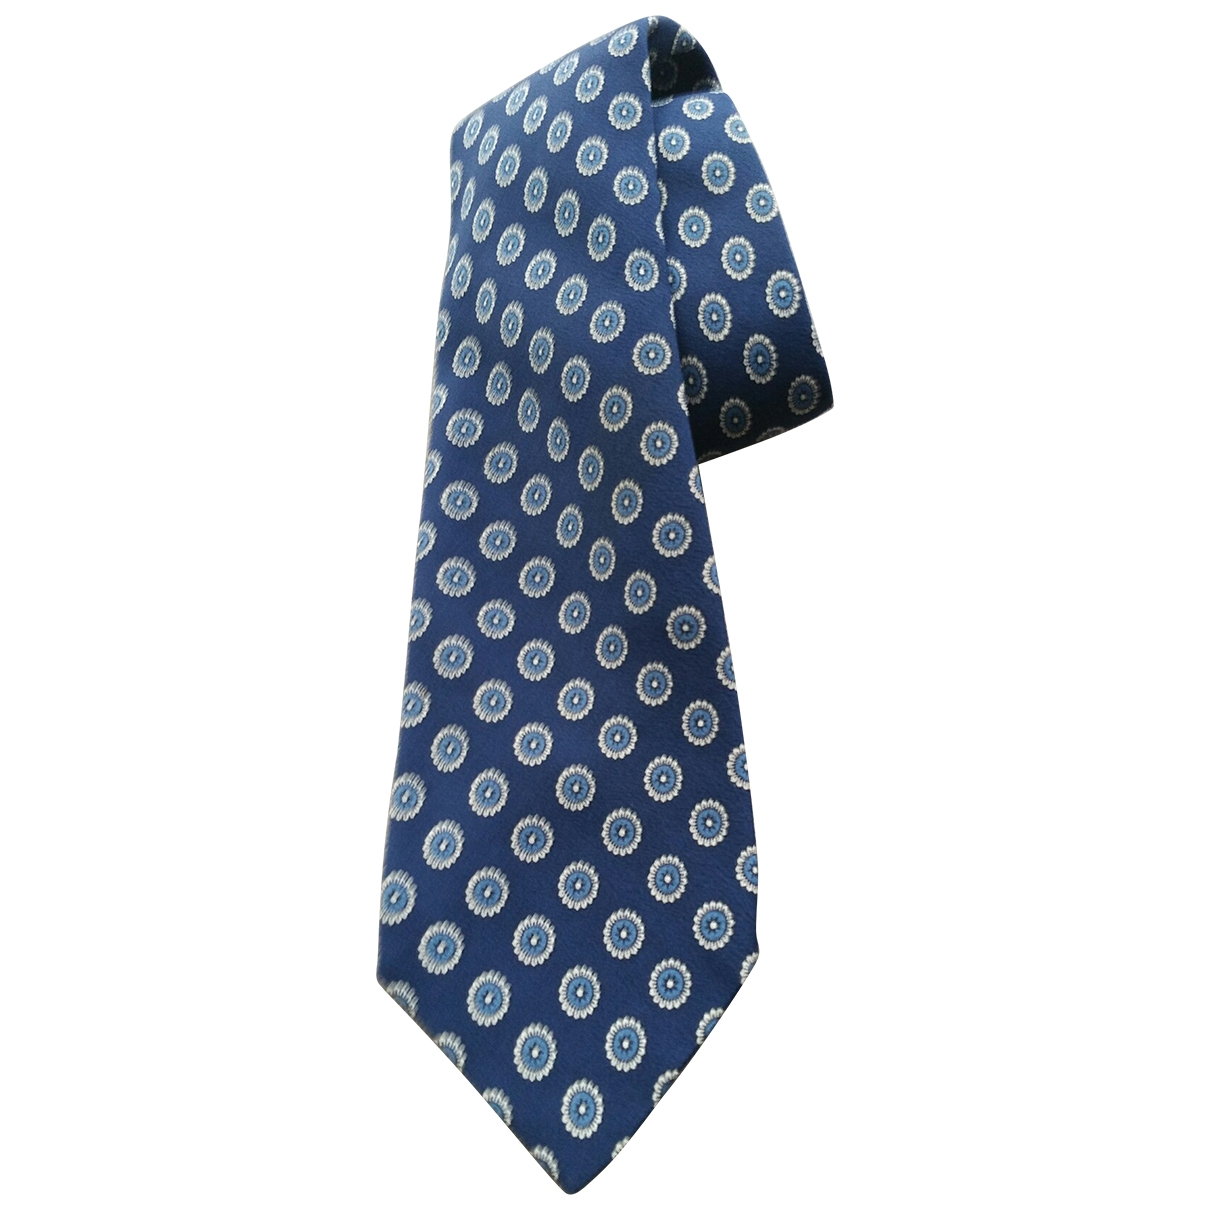 Polo Ralph Lauren - Cravates   pour homme en soie - bleu